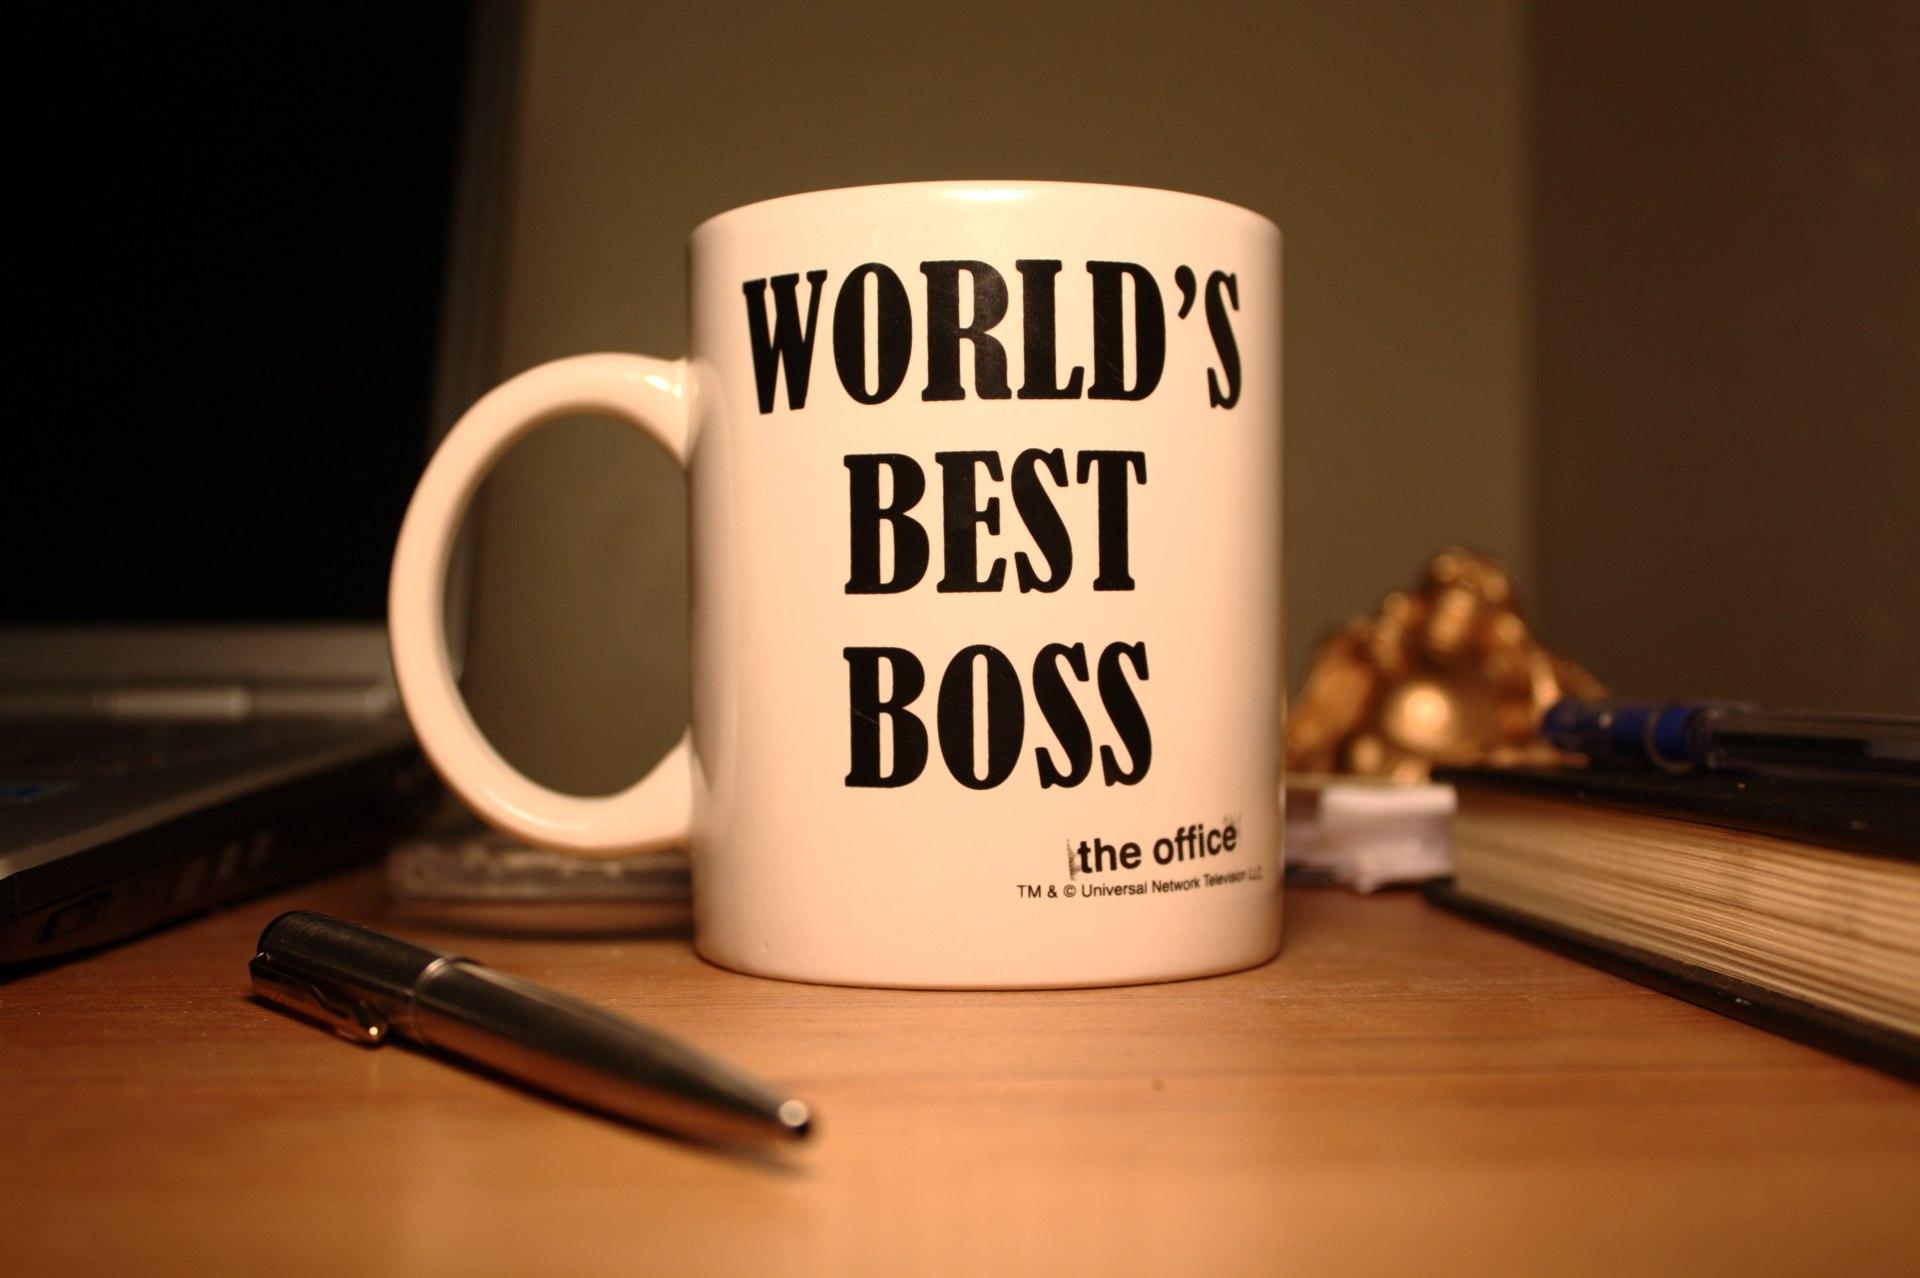 World's Best Boss by Kumar Appaiah